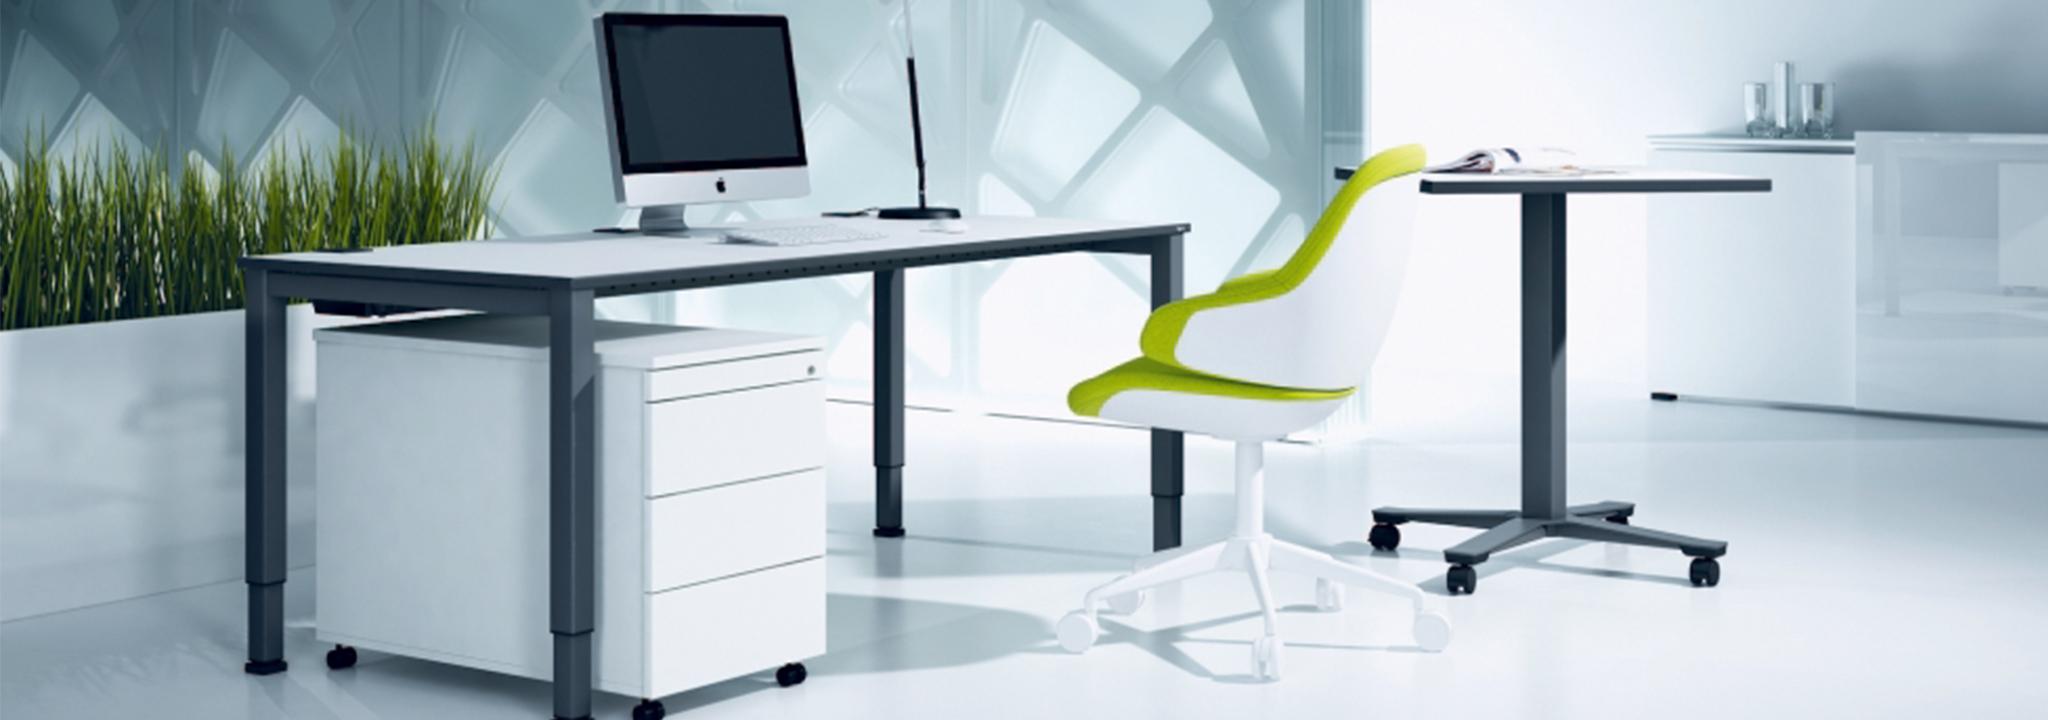 Die Basis eines ergonomischen Arbeitsplatzes: Bürostuhl und Tisch